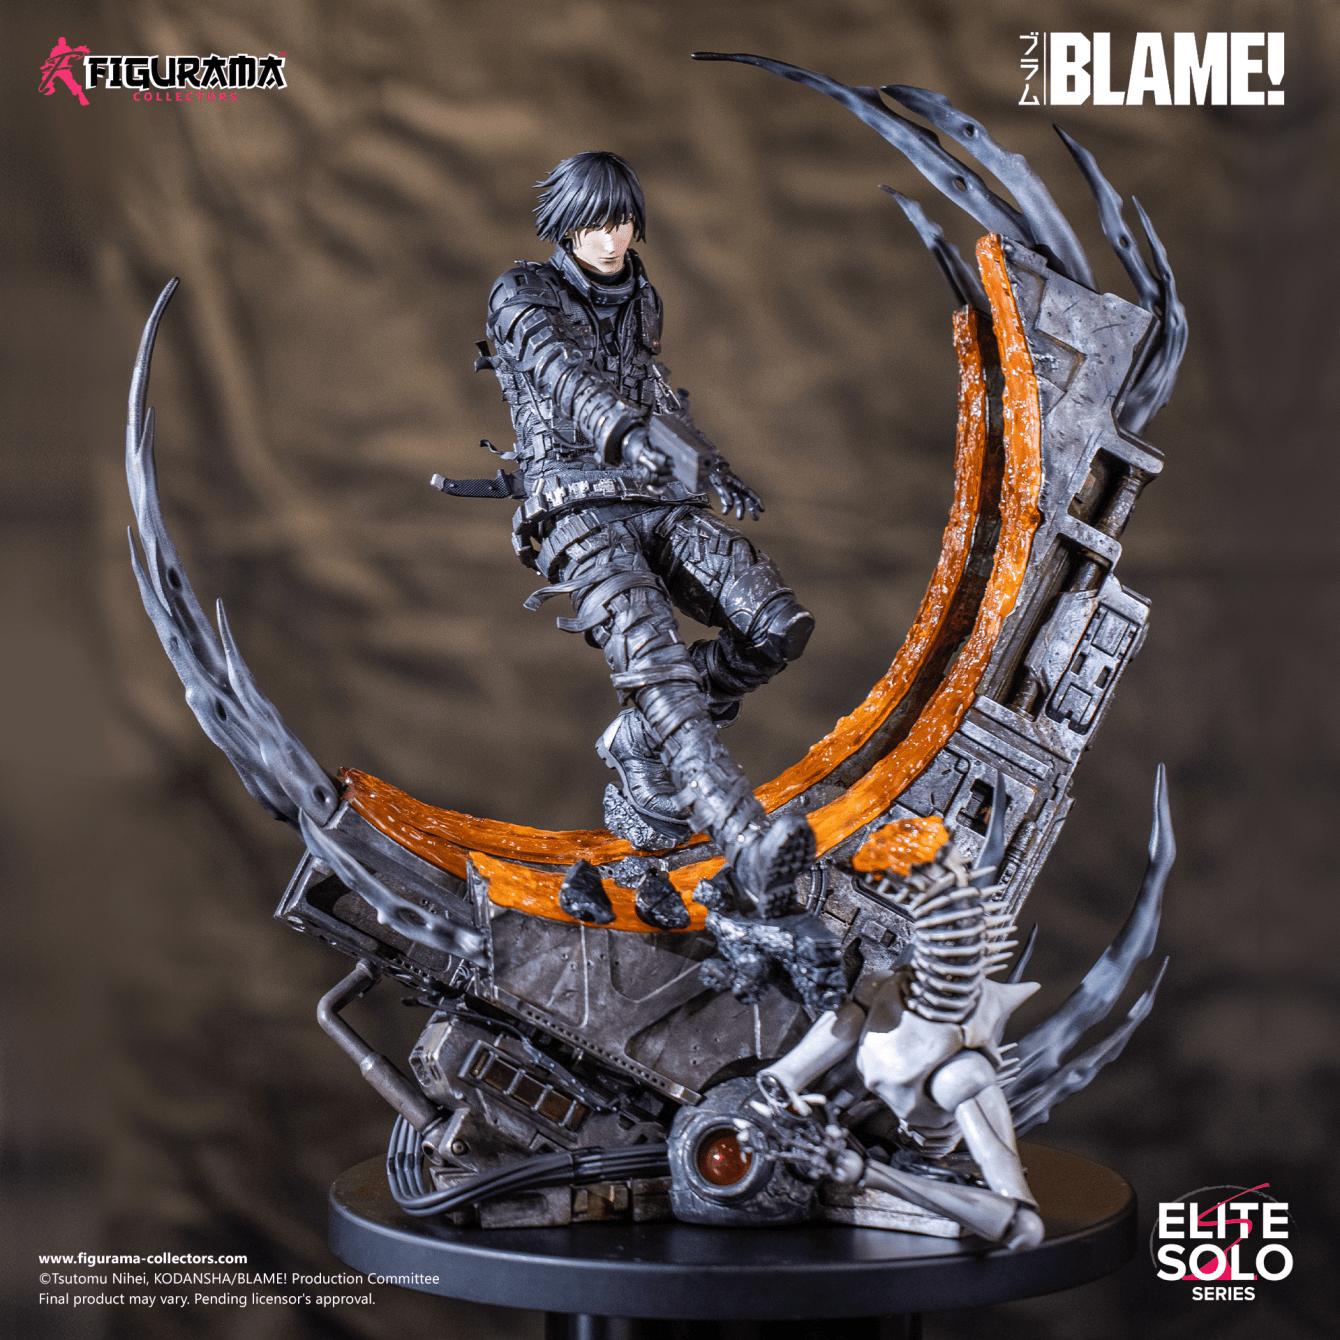 Blame! Killy Elite Solo Statue: i preorder aprono il 27 Marzo